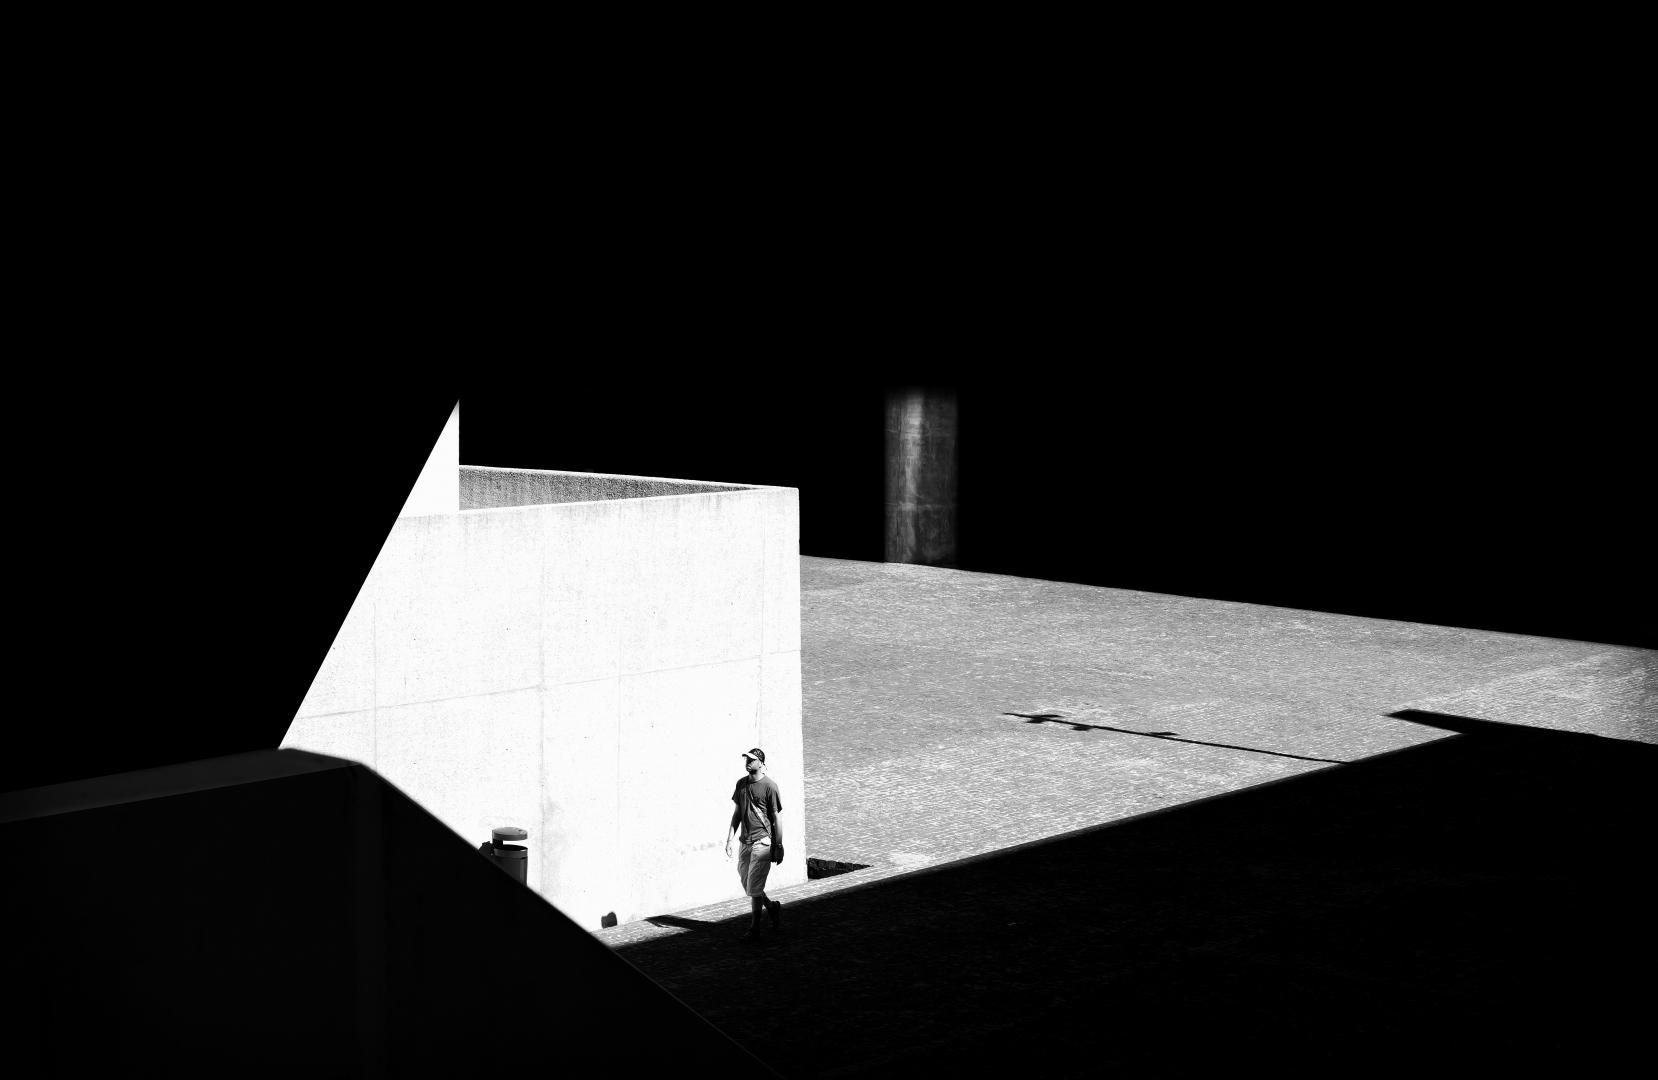 Fotografia de Rua/darker times